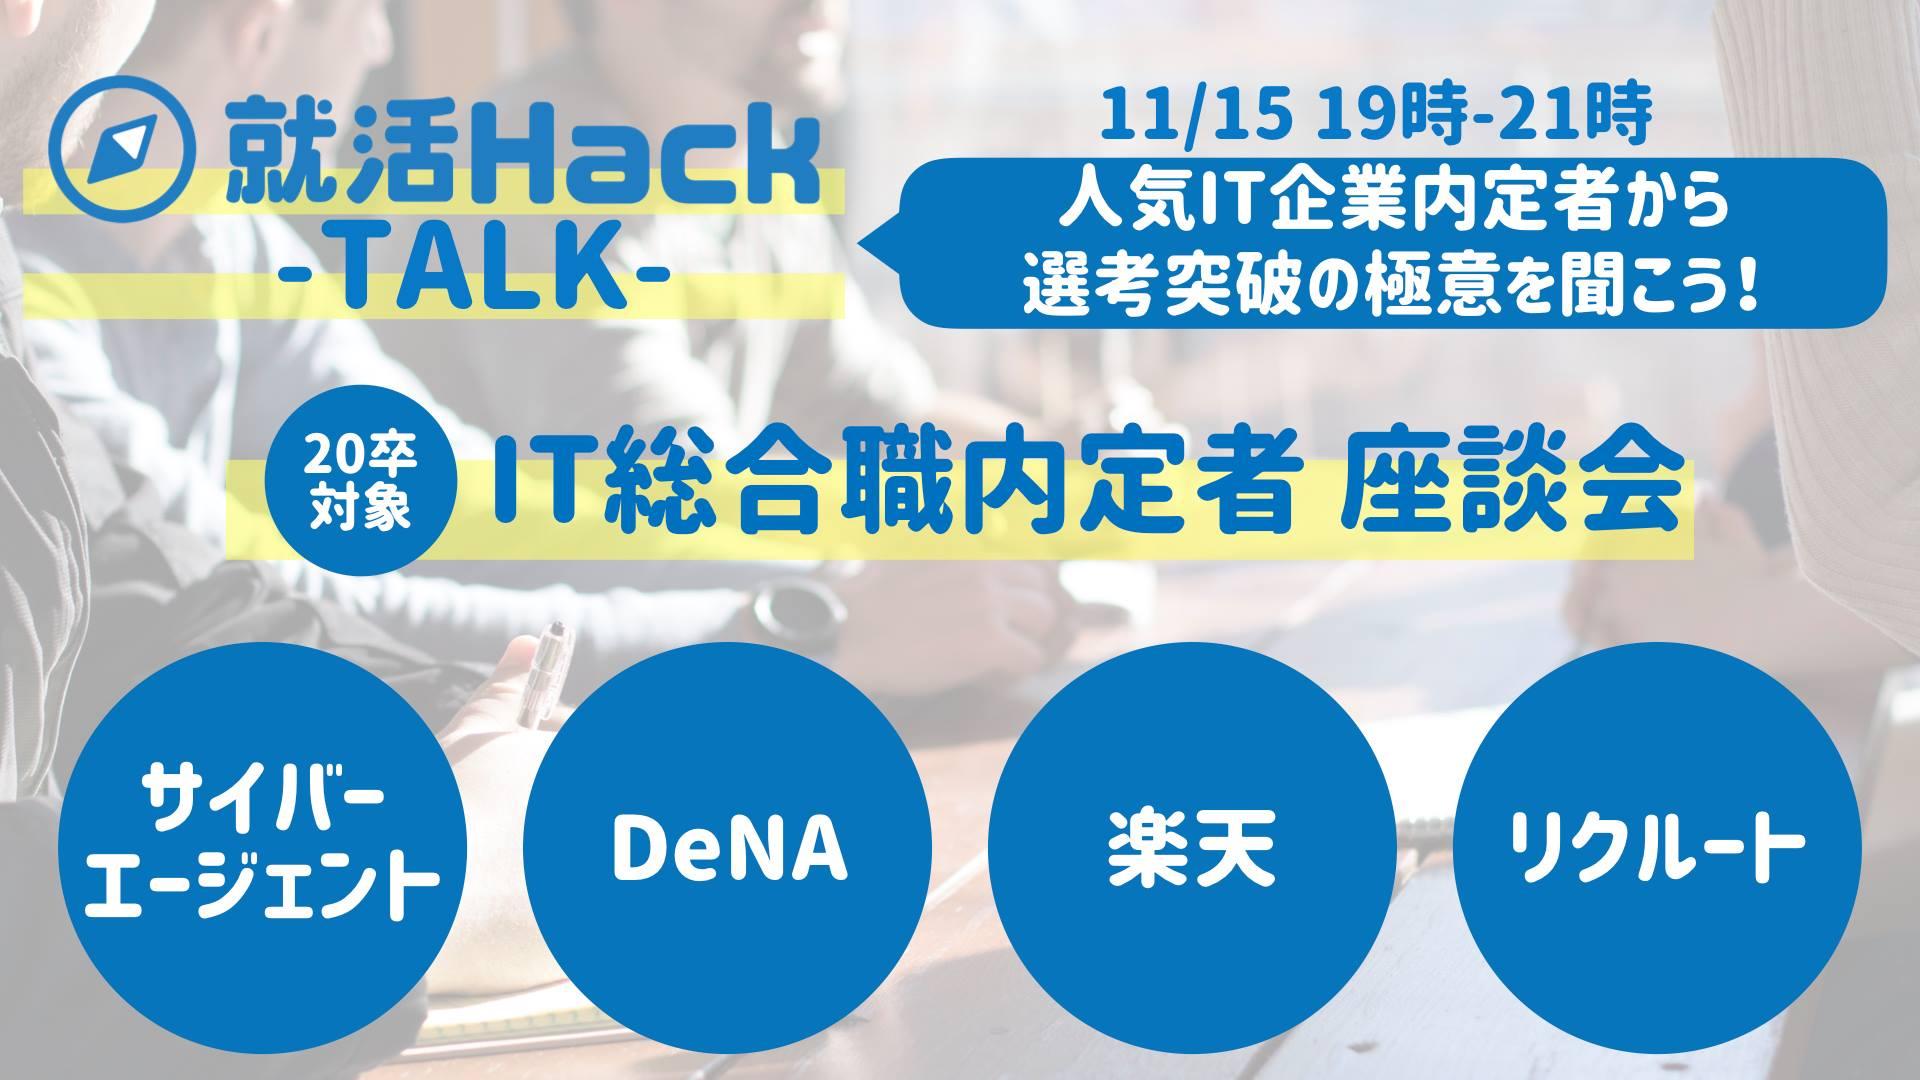 【就活ミートアップ】20卒対象:サイバー、DeNA、楽天、リクルート内定者座談会